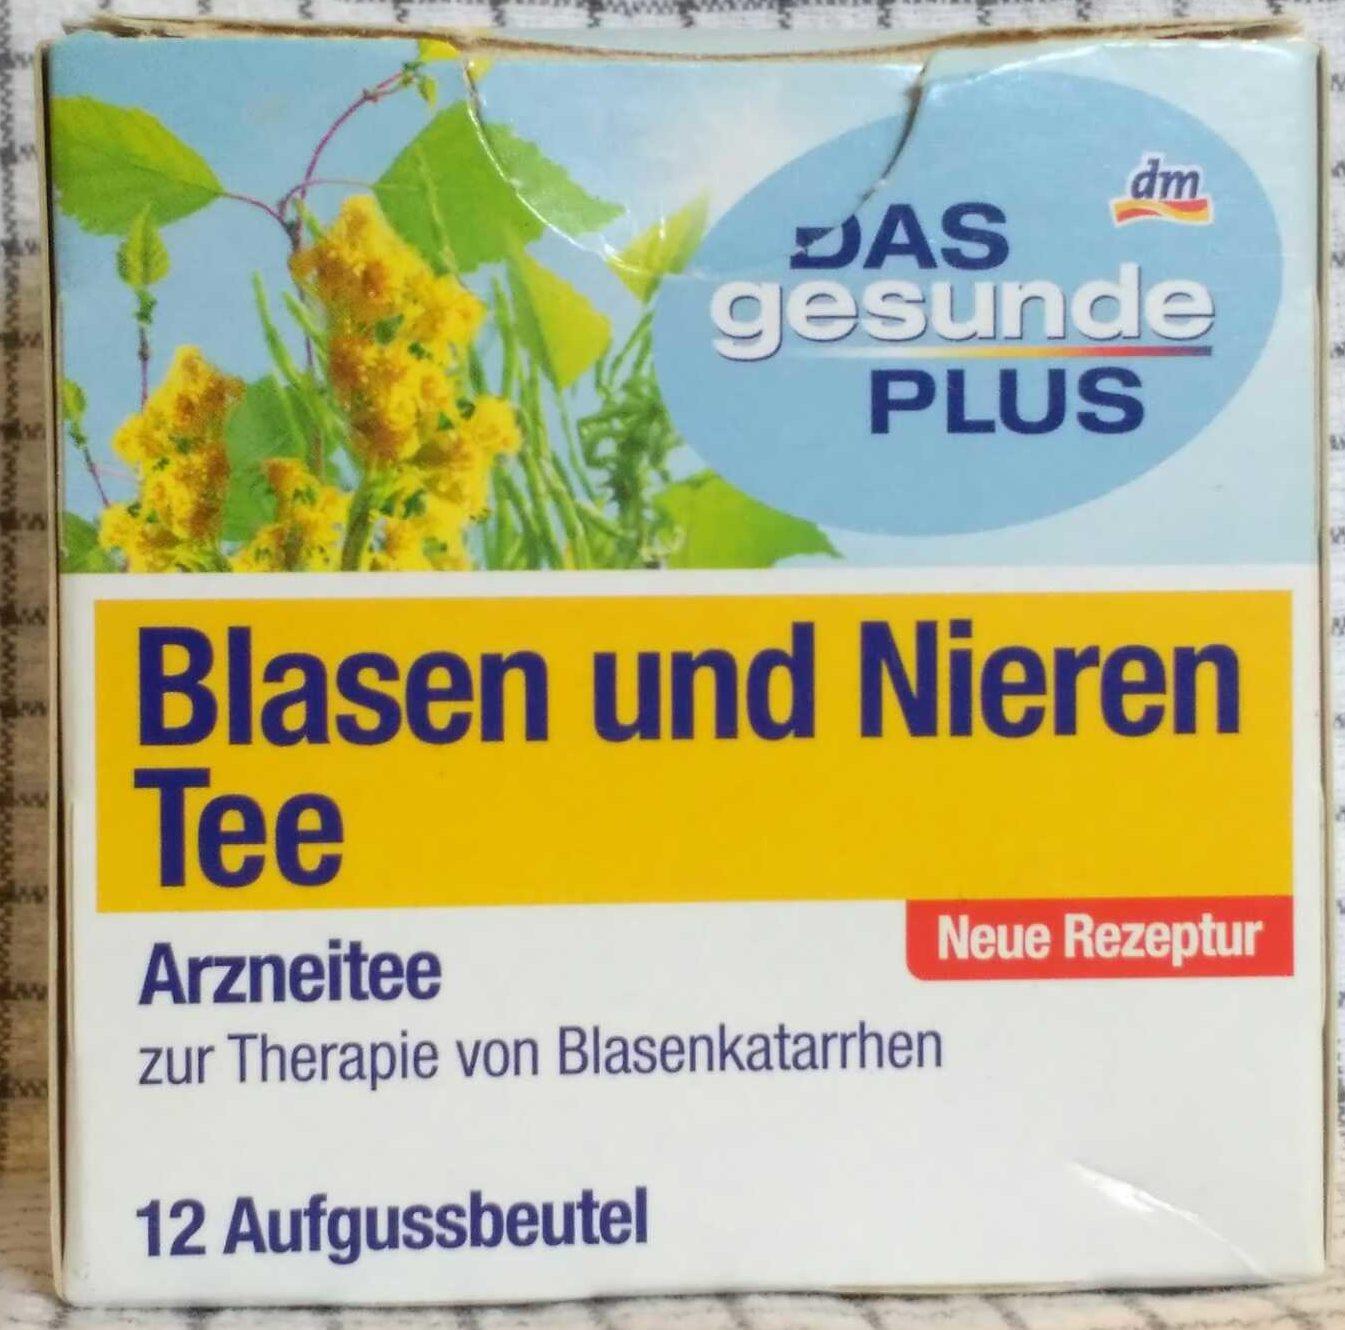 Blasen und Nieren Tee - Product